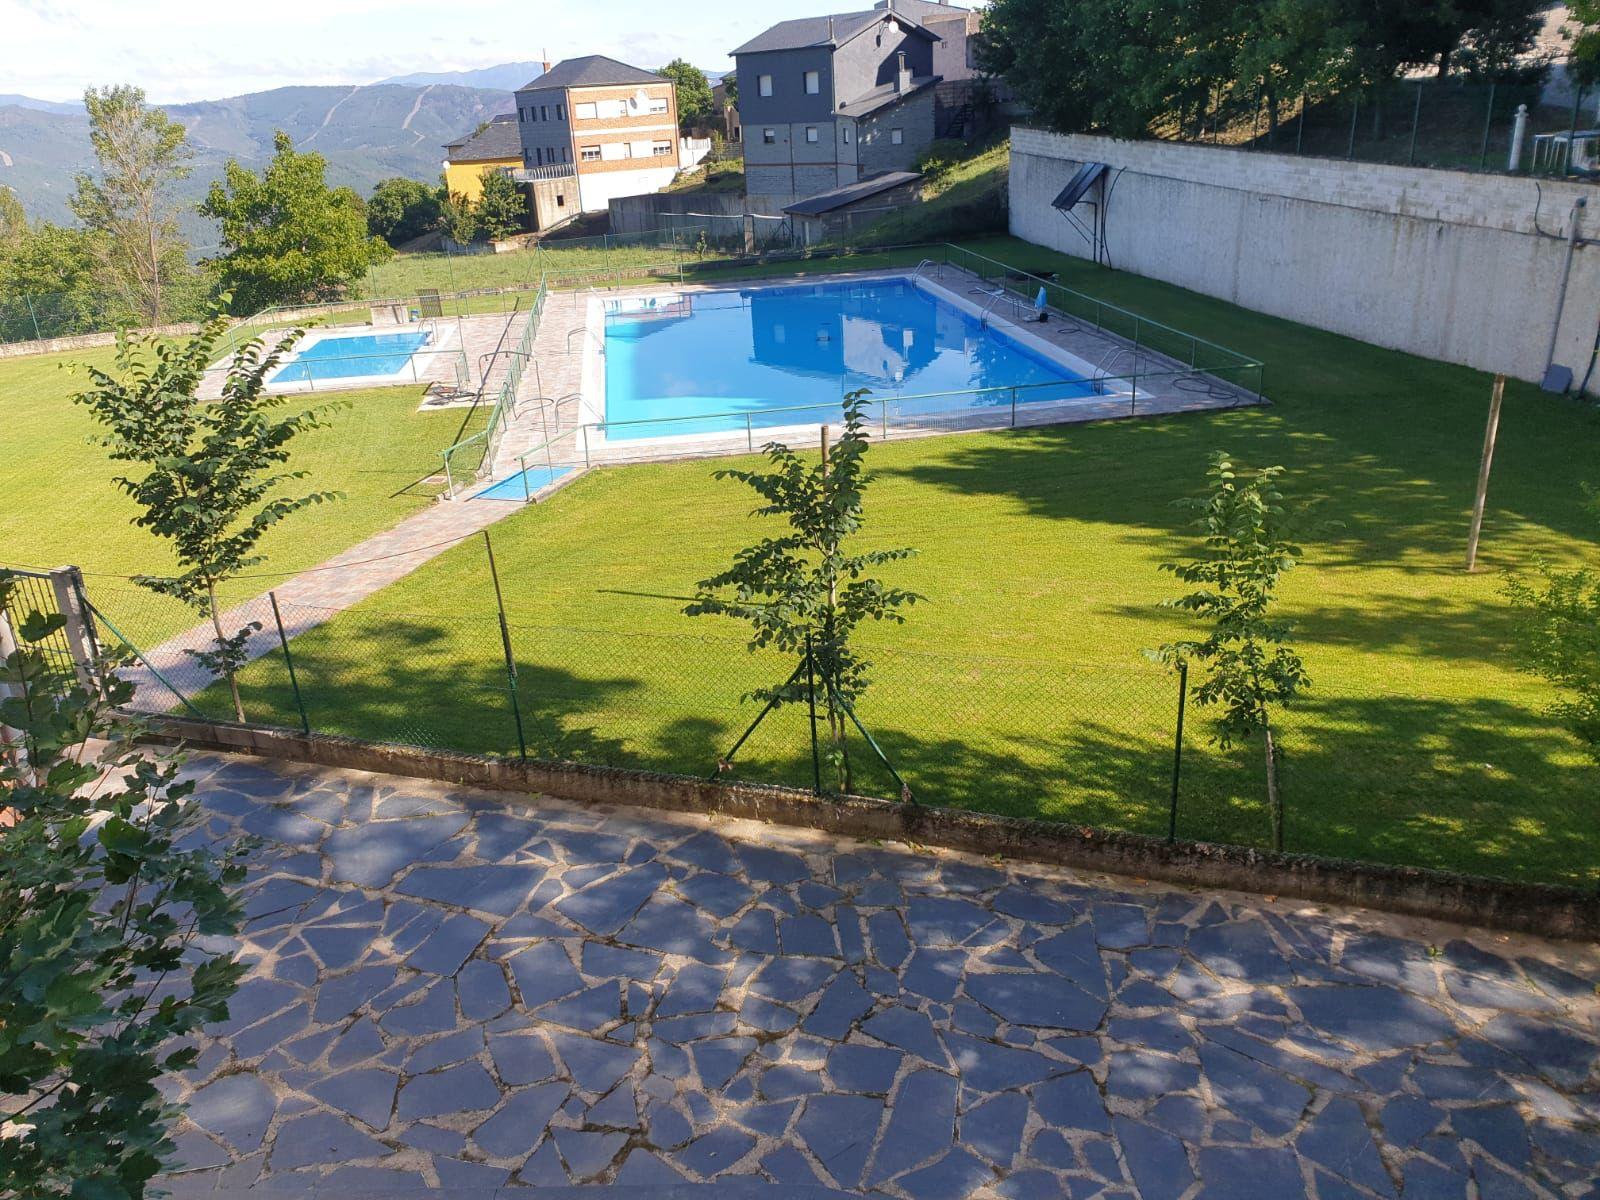 Especial piscinas que no te puedes perder en El Bierzo este verano 20